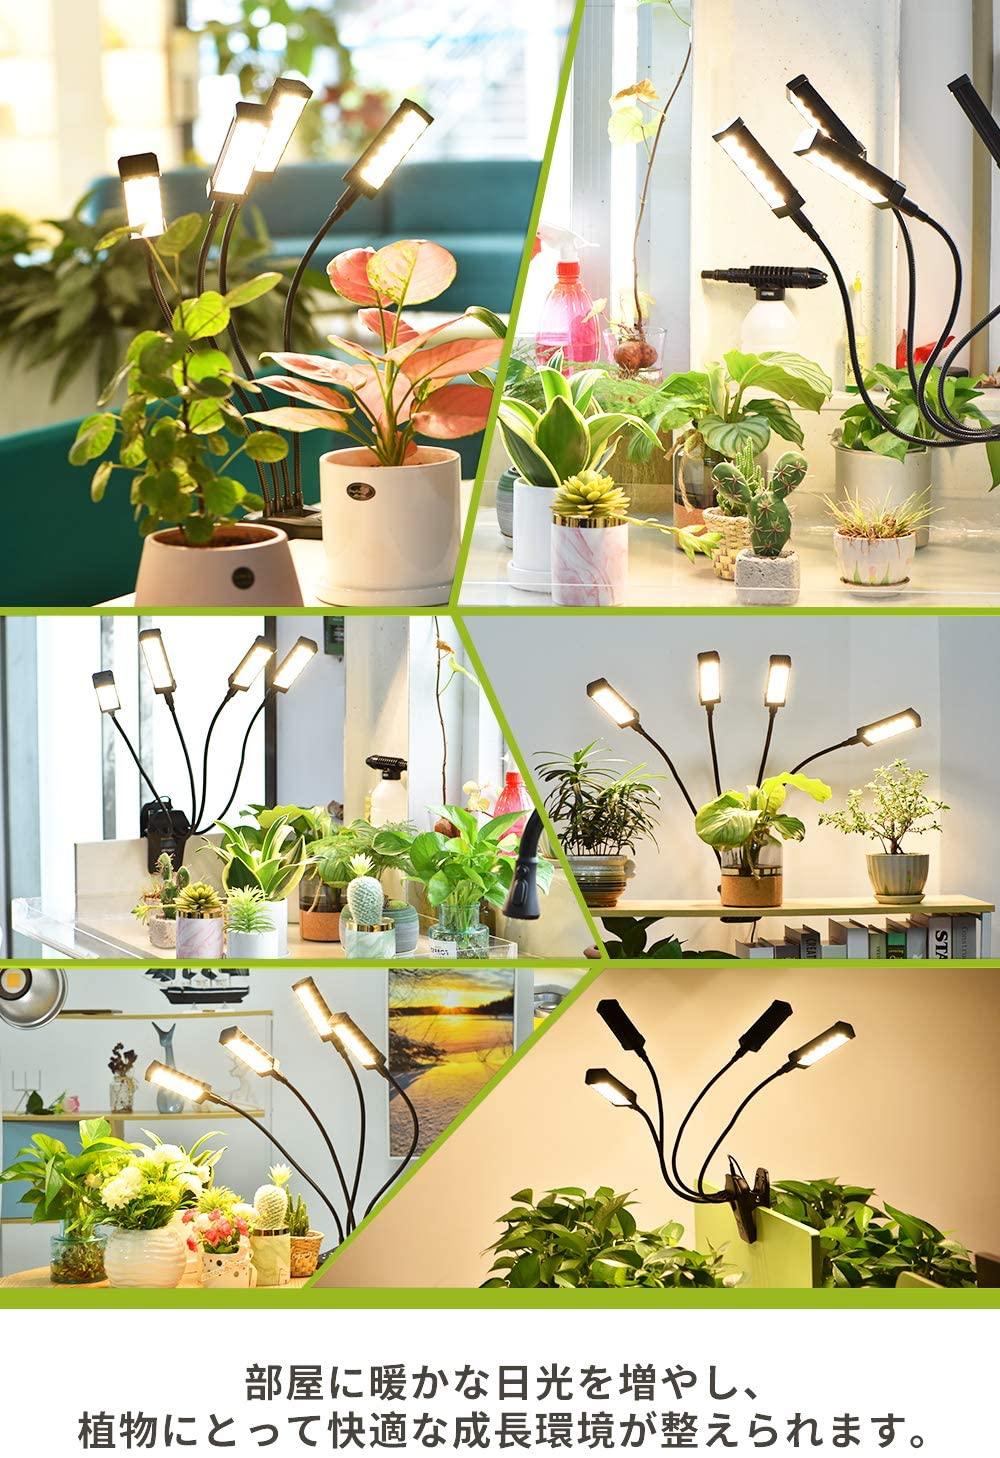 植物育成ライト led 植物育成 水耕栽培 多肉植物 USB充電 192LEDランプ タイマー機能 (0H~24H) 無段階調光 4ヘッド付き 室内栽培ランプ 360調節可能 省エネ 新型なクリップ式 日照不足解消 家庭菜園 室内園芸